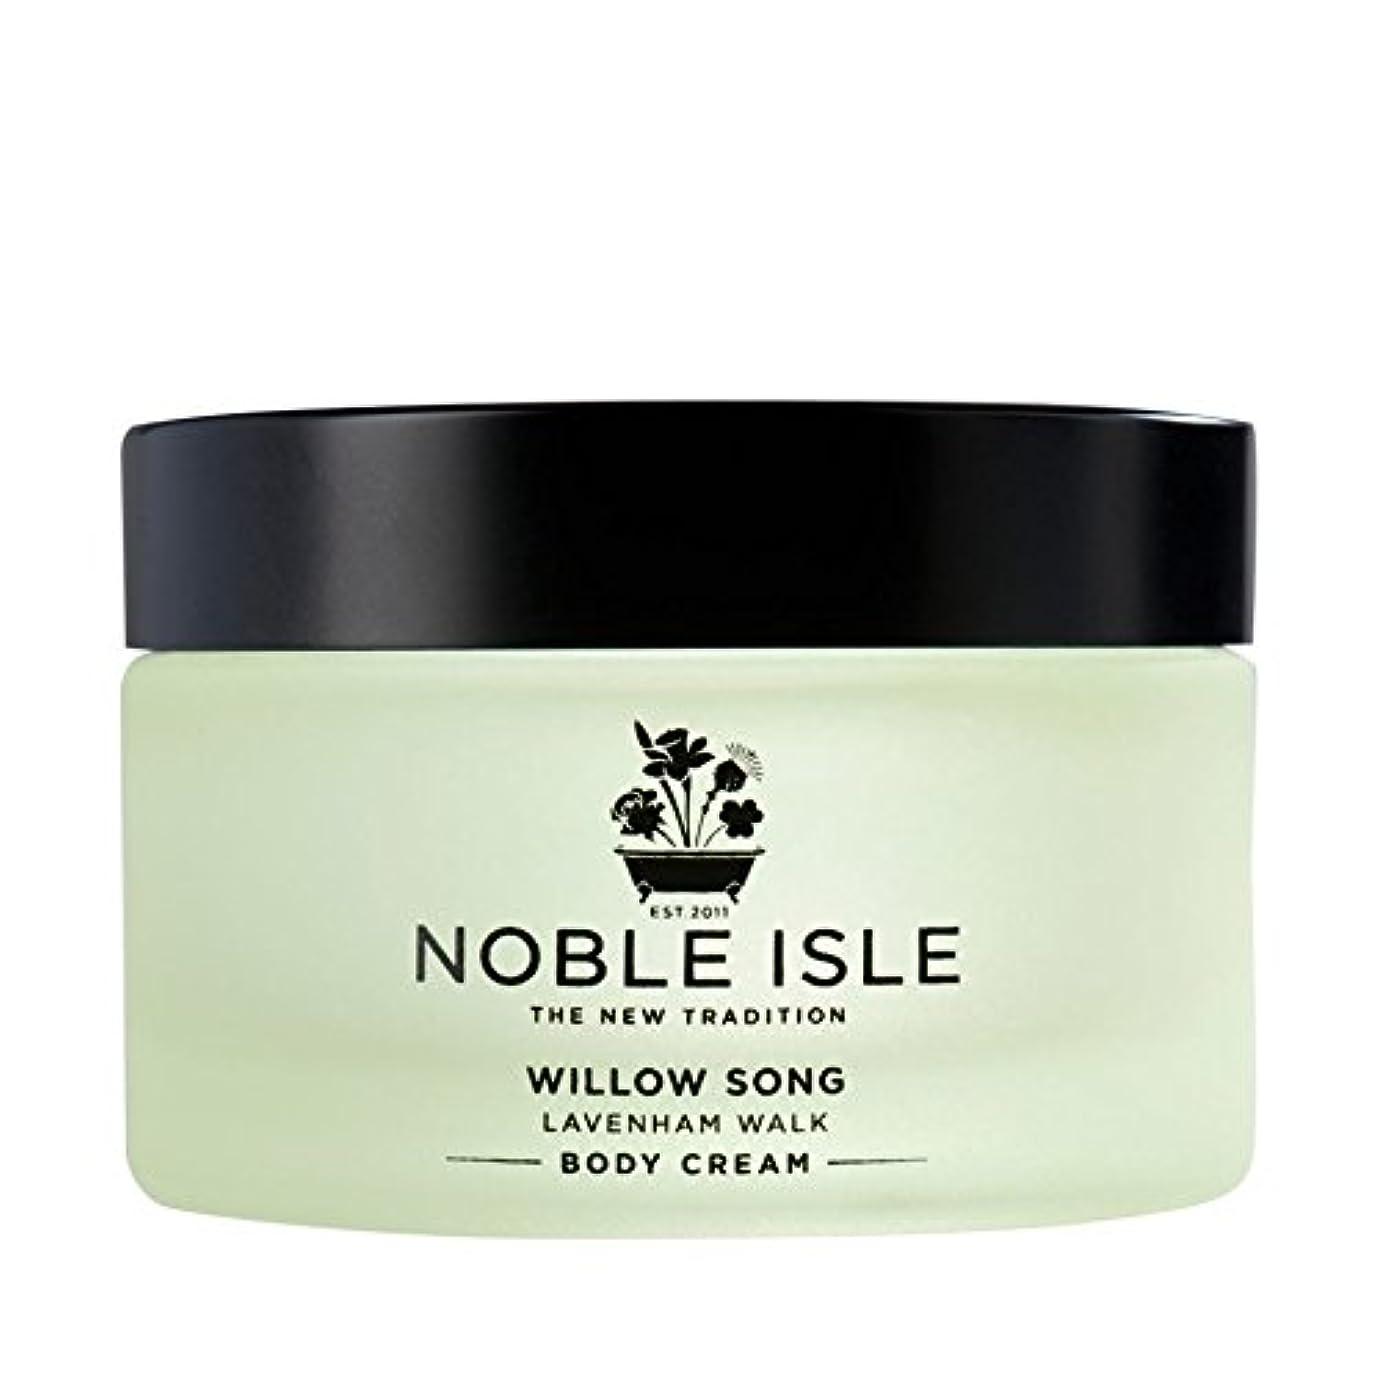 注入する風ベーカリー高貴な島柳の歌ラヴァンハム徒歩ボディクリーム170ミリリットル x2 - Noble Isle Willow Song Lavenham Walk Body Cream 170ml (Pack of 2) [並行輸入品]